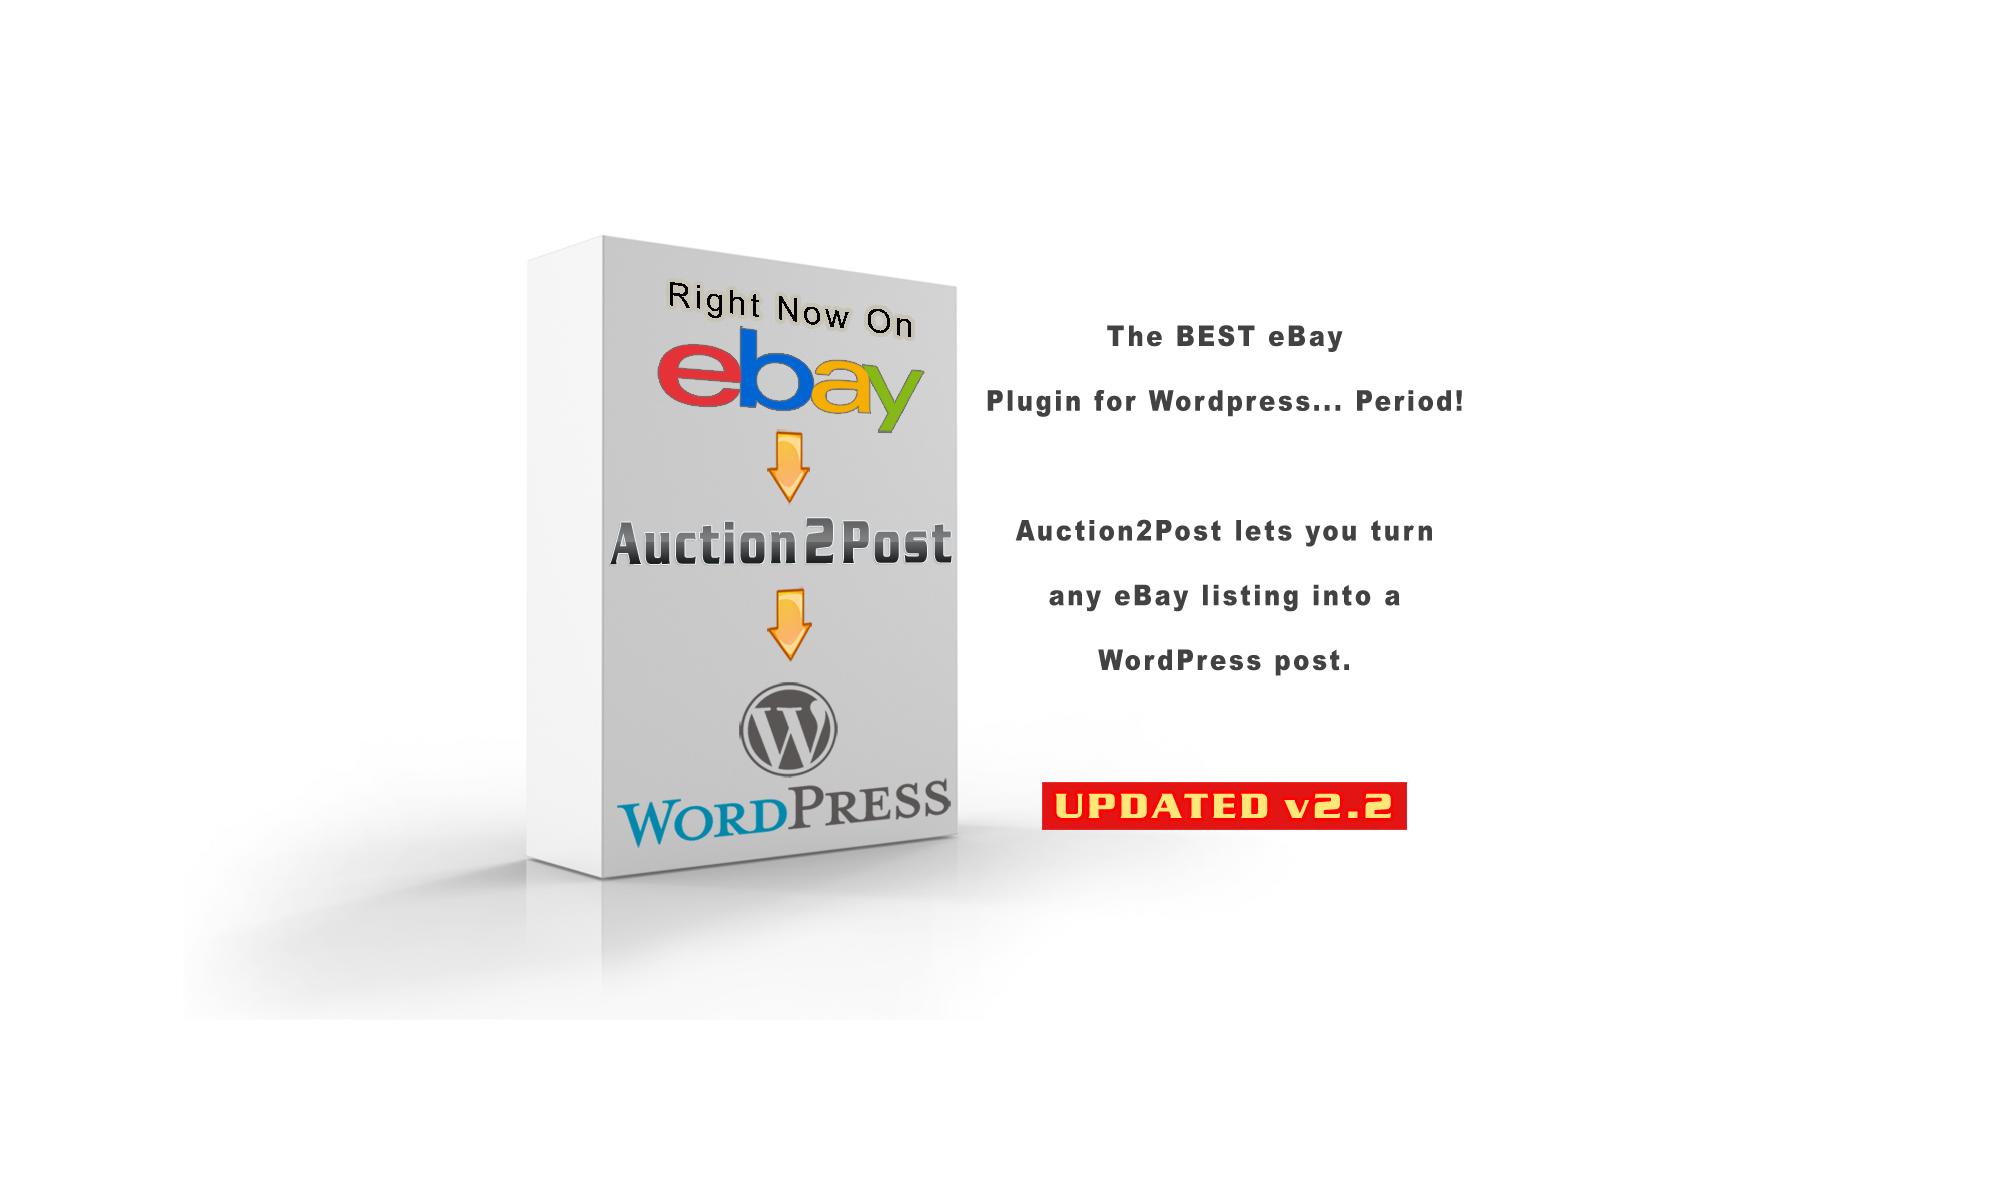 auction2post